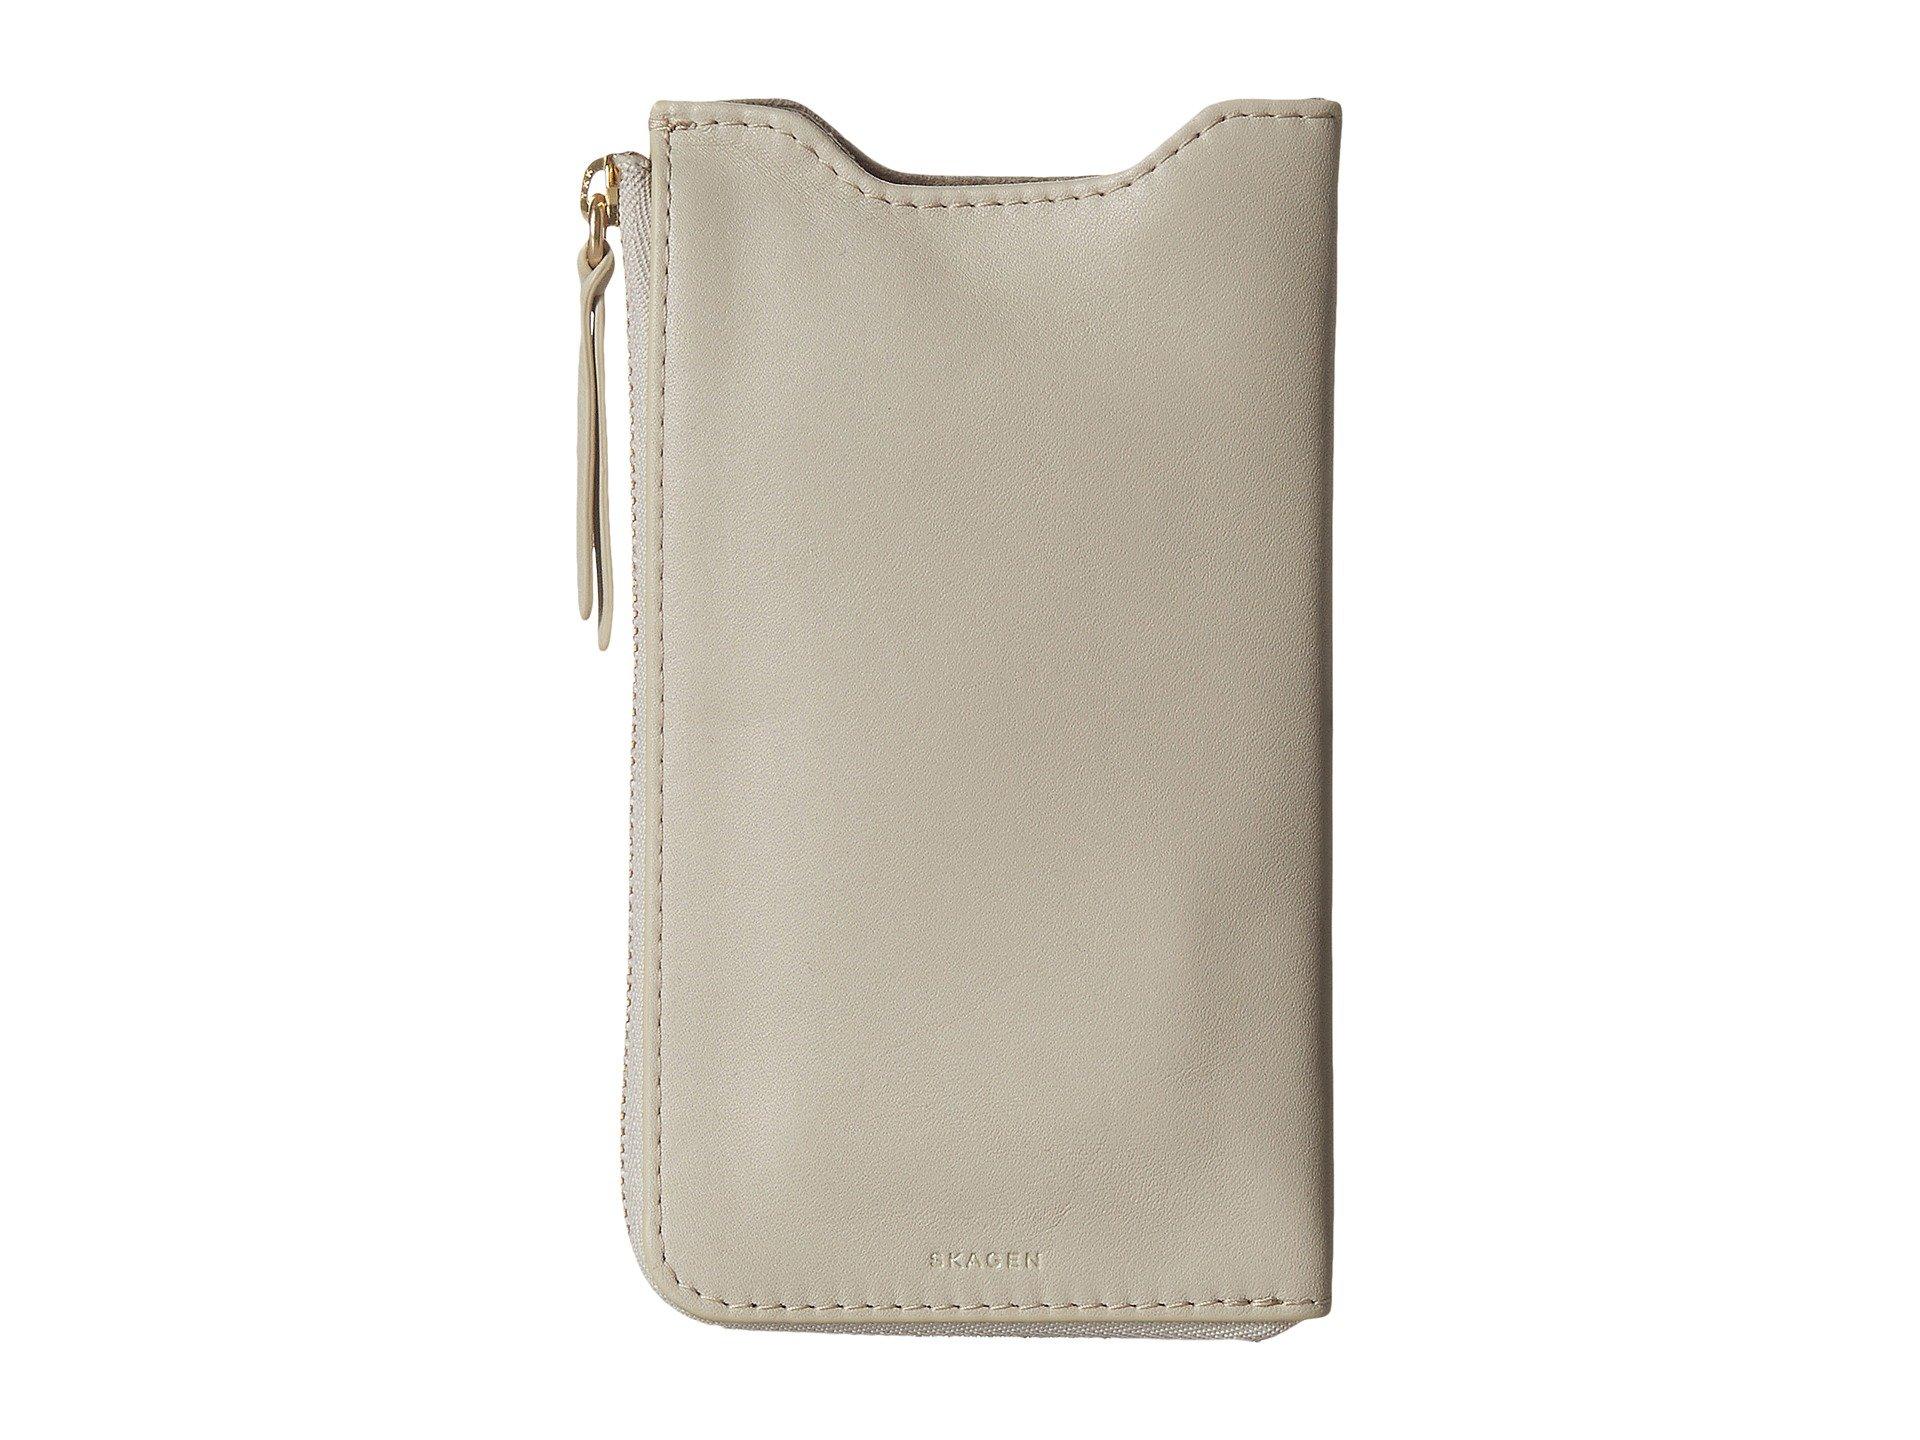 Funda para Portatil Skagen Lilli iPhone 6 Sleeve/Wallet  + Skagen en VeoyCompro.net